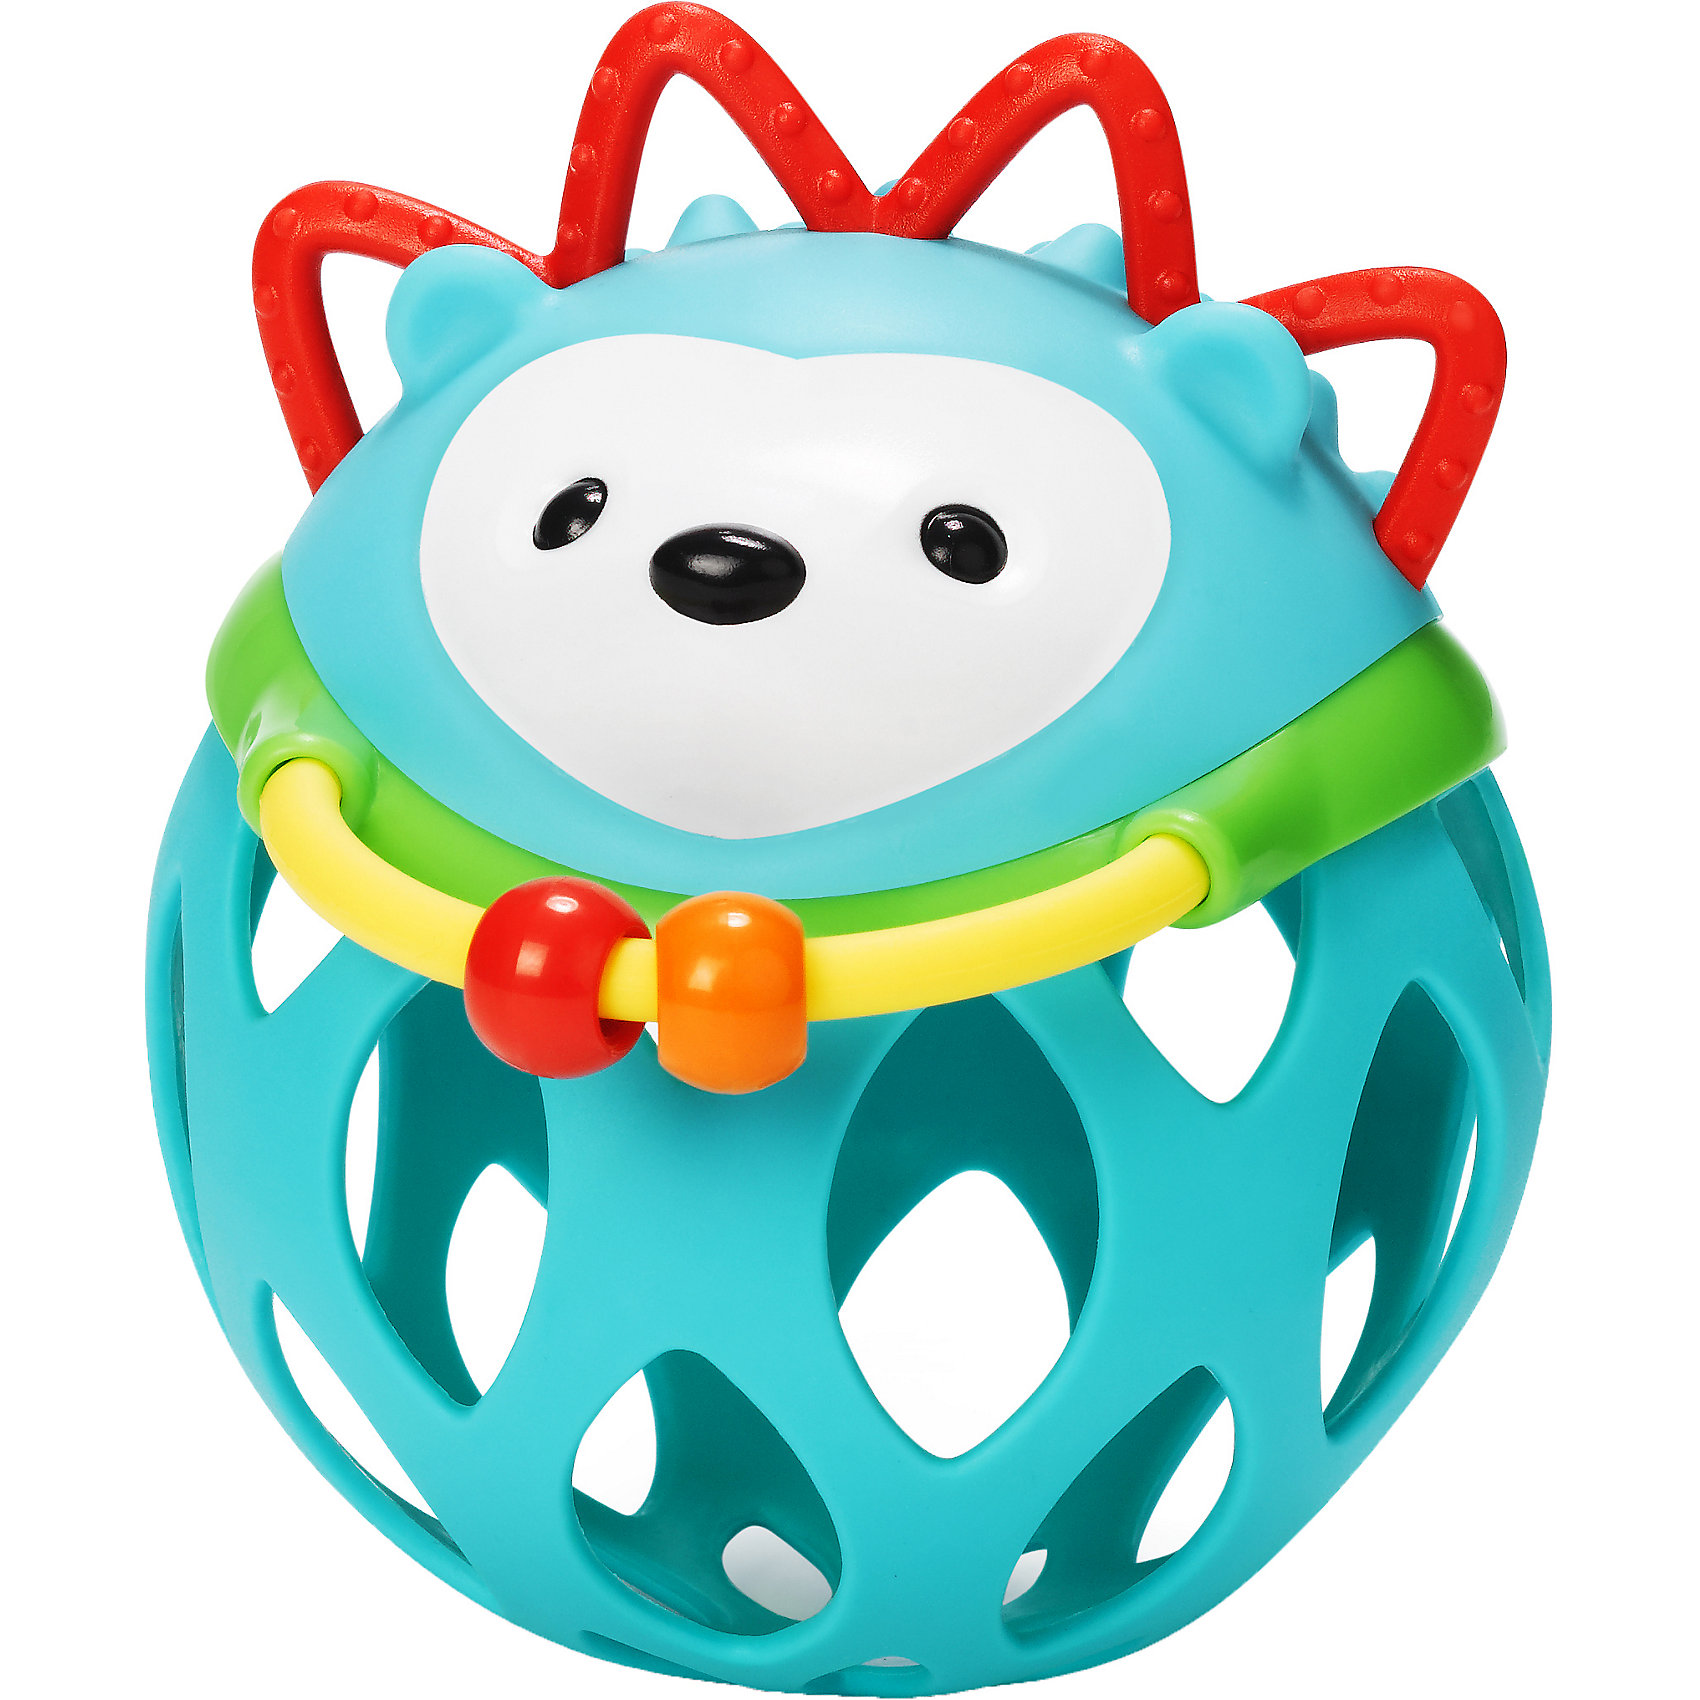 Игрушка-погремушка Шар-ежик, Skip HopПогремушки<br>Характеристики товара:<br><br>• возраст от 3 месяцев;<br>• материал: пластик;<br>• размер игрушки 12х10х8 см;<br>• вес 140 гр.;<br>• страна производитель: Китай.<br><br>Игрушка-погремушка «Шар-ежик» Skip Hop — развивающая игрушка для малышей от 3 месяцев, которую малыш может трясти, катать, трогать ручками. Спереди протянута ниточка с нанизанными бусинами, которые свободно перемещаются. На корпусе имеются прорезиненные детали для прорезывания зубов. Игрушка изготовлена из качественного безвредного пластика. Игрушка способствует развитию хватательного рефлекса, мелкой моторики рук, тактильных ощущений.<br><br>Игрушку-погремушку «Шар-ежик» Skip Hop можно приобрести в нашем интернет-магазине.<br><br>Ширина мм: 181<br>Глубина мм: 144<br>Высота мм: 91<br>Вес г: 127<br>Цвет: mehrfarbig<br>Возраст от месяцев: 1<br>Возраст до месяцев: 36<br>Пол: Унисекс<br>Возраст: Детский<br>SKU: 3971270